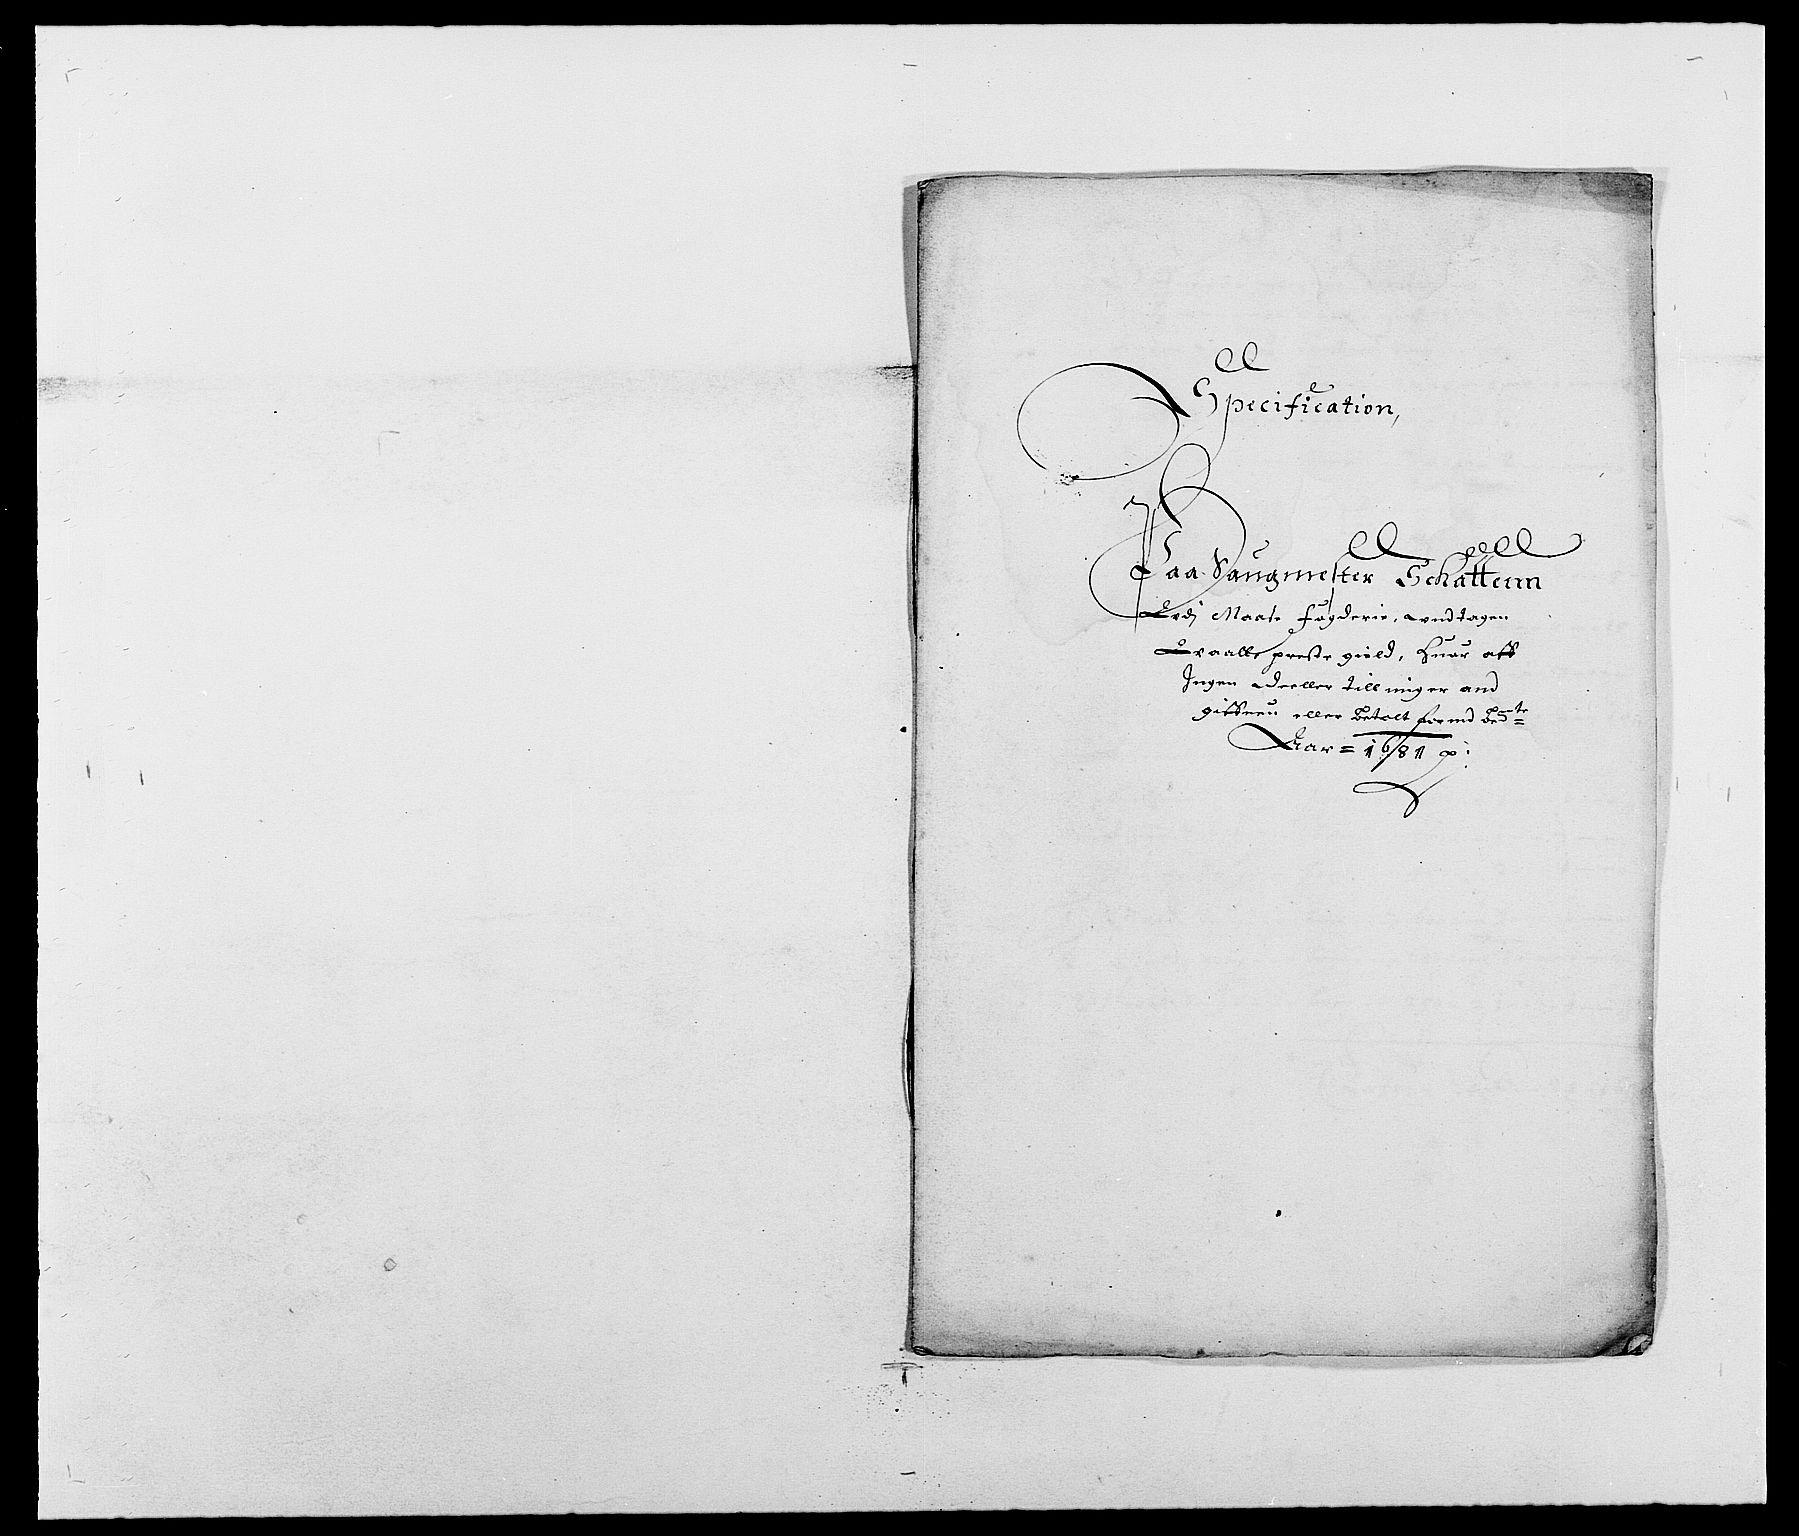 RA, Rentekammeret inntil 1814, Reviderte regnskaper, Fogderegnskap, R02/L0102: Fogderegnskap Moss og Verne kloster, 1675-1681, s. 296